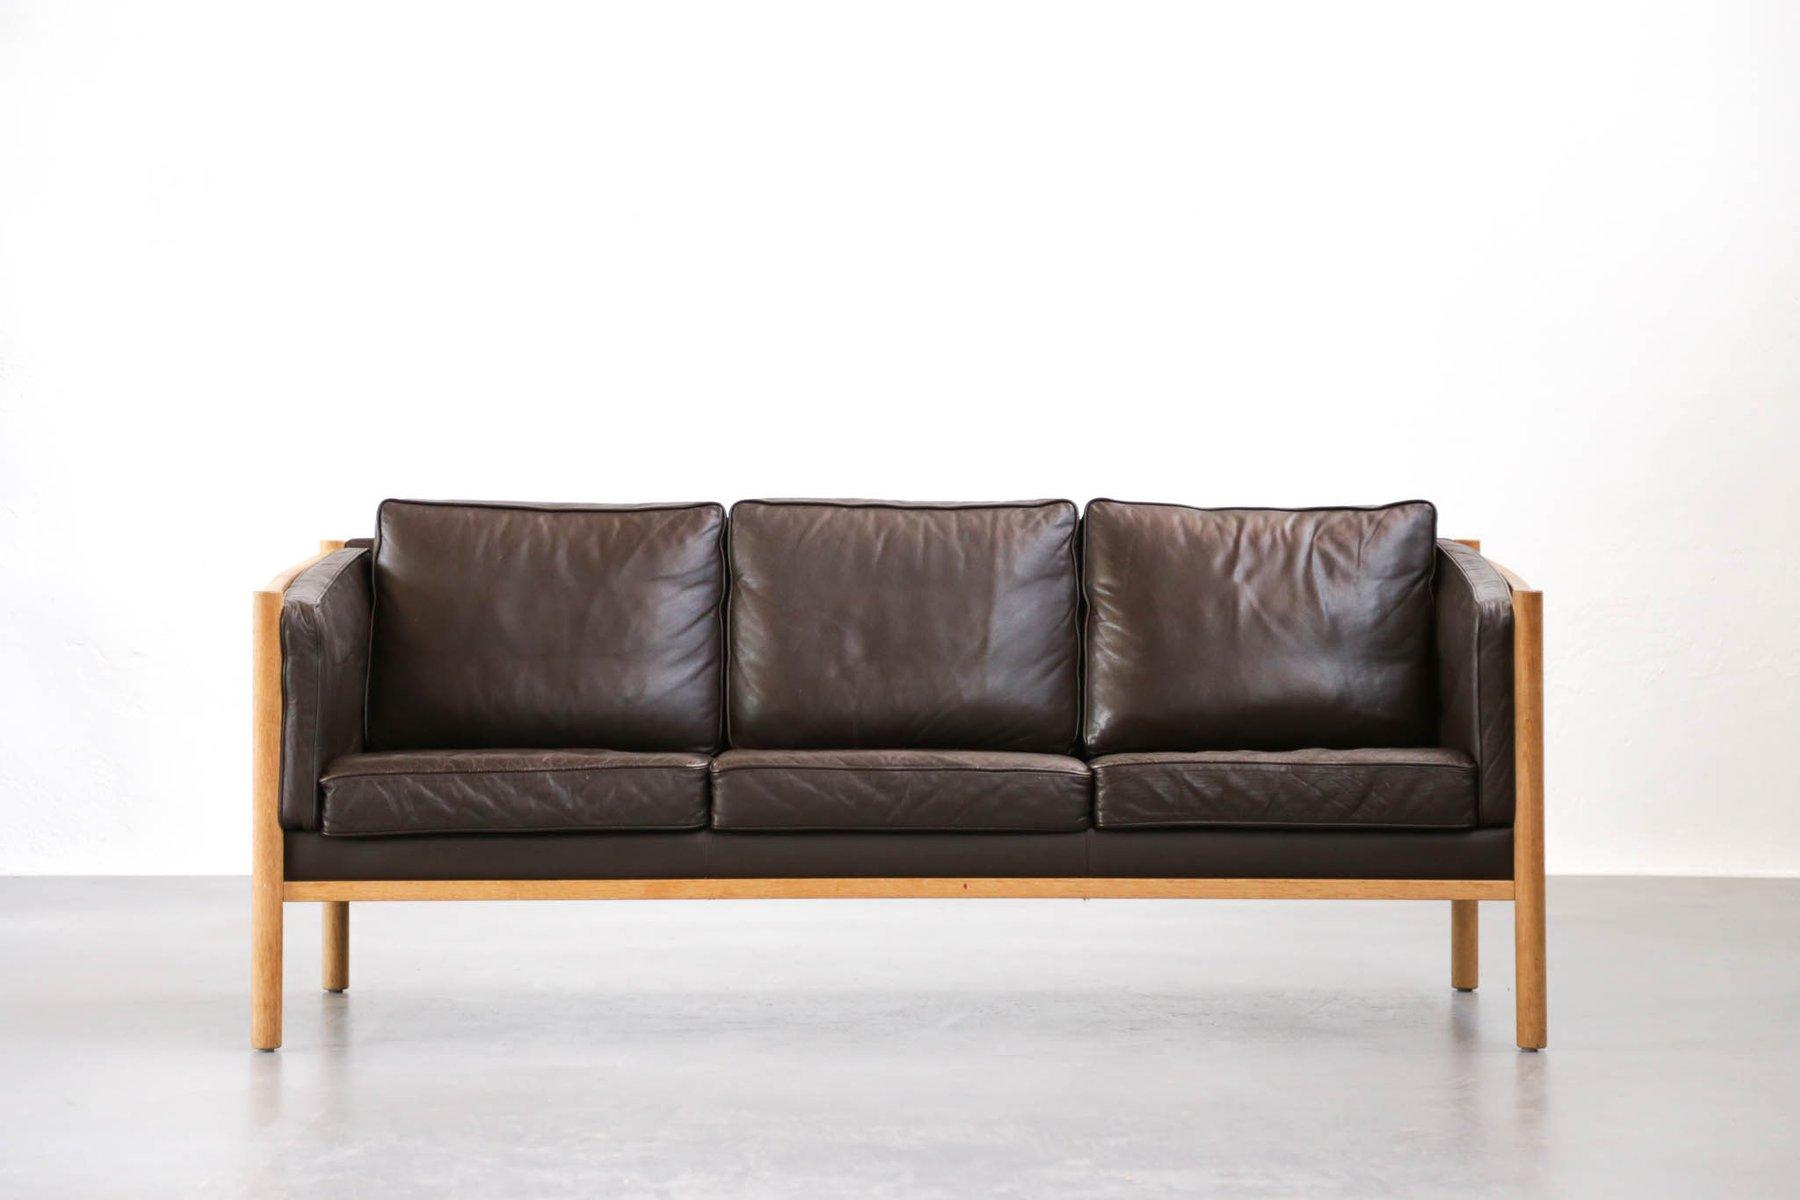 canap mid century scandinave en cuir marron 1970s en vente sur pamono. Black Bedroom Furniture Sets. Home Design Ideas